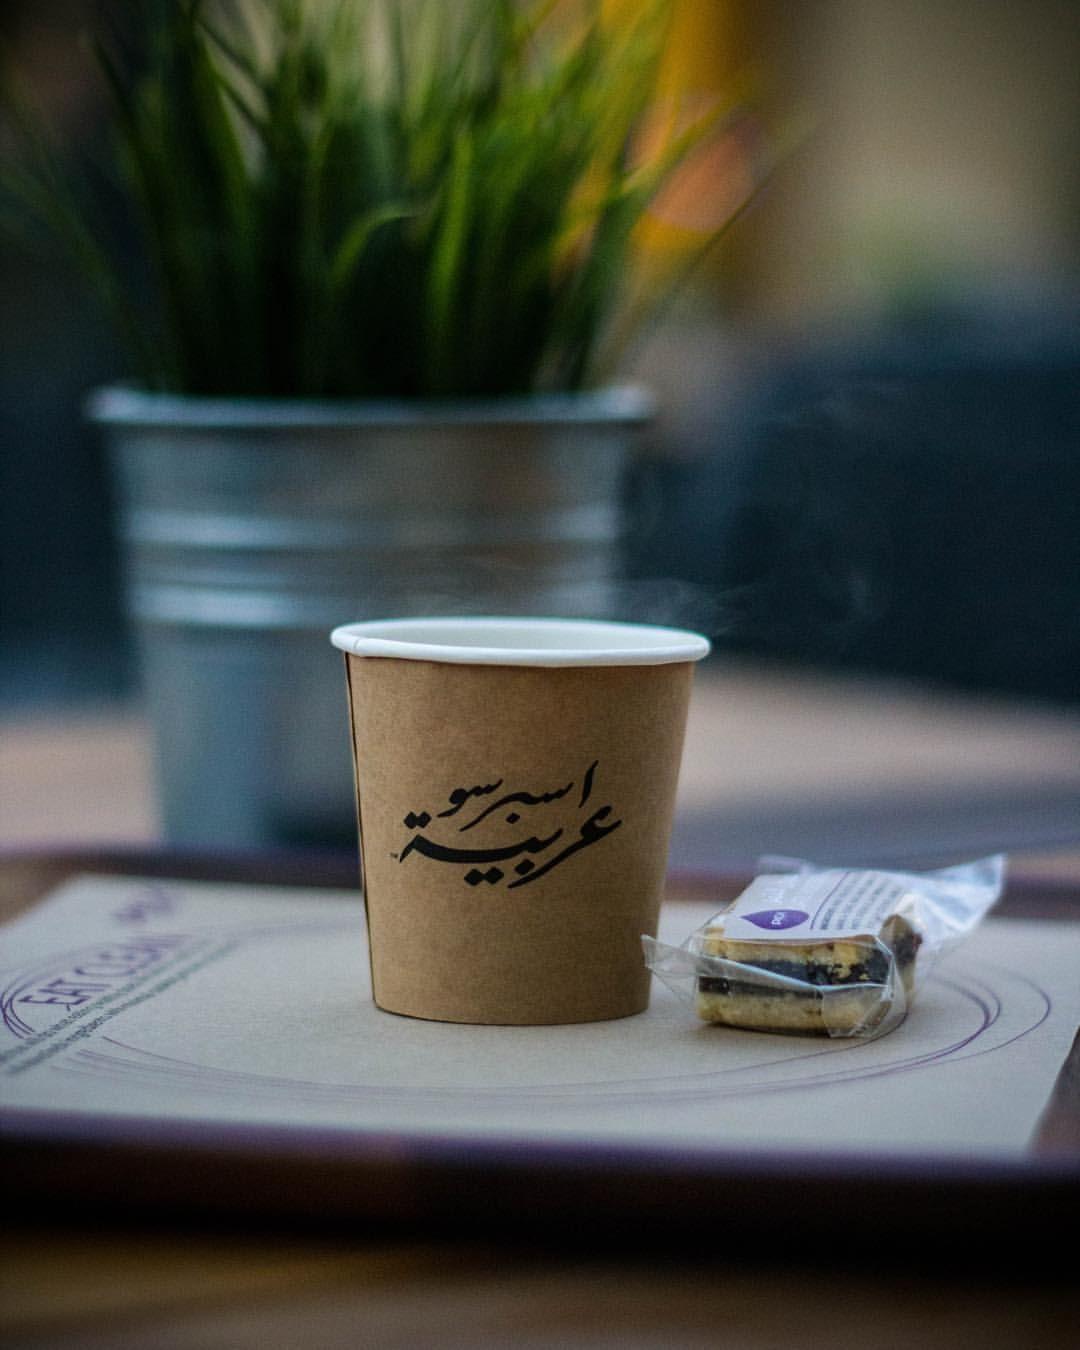 ꭷ On Instagram على وضوح الصب ح زاد حبي لك دهر آصبحت احبك و اصبح الم لك لله ٩ ١٠ص صباح الخير Coffee Shop Glassware Mugs